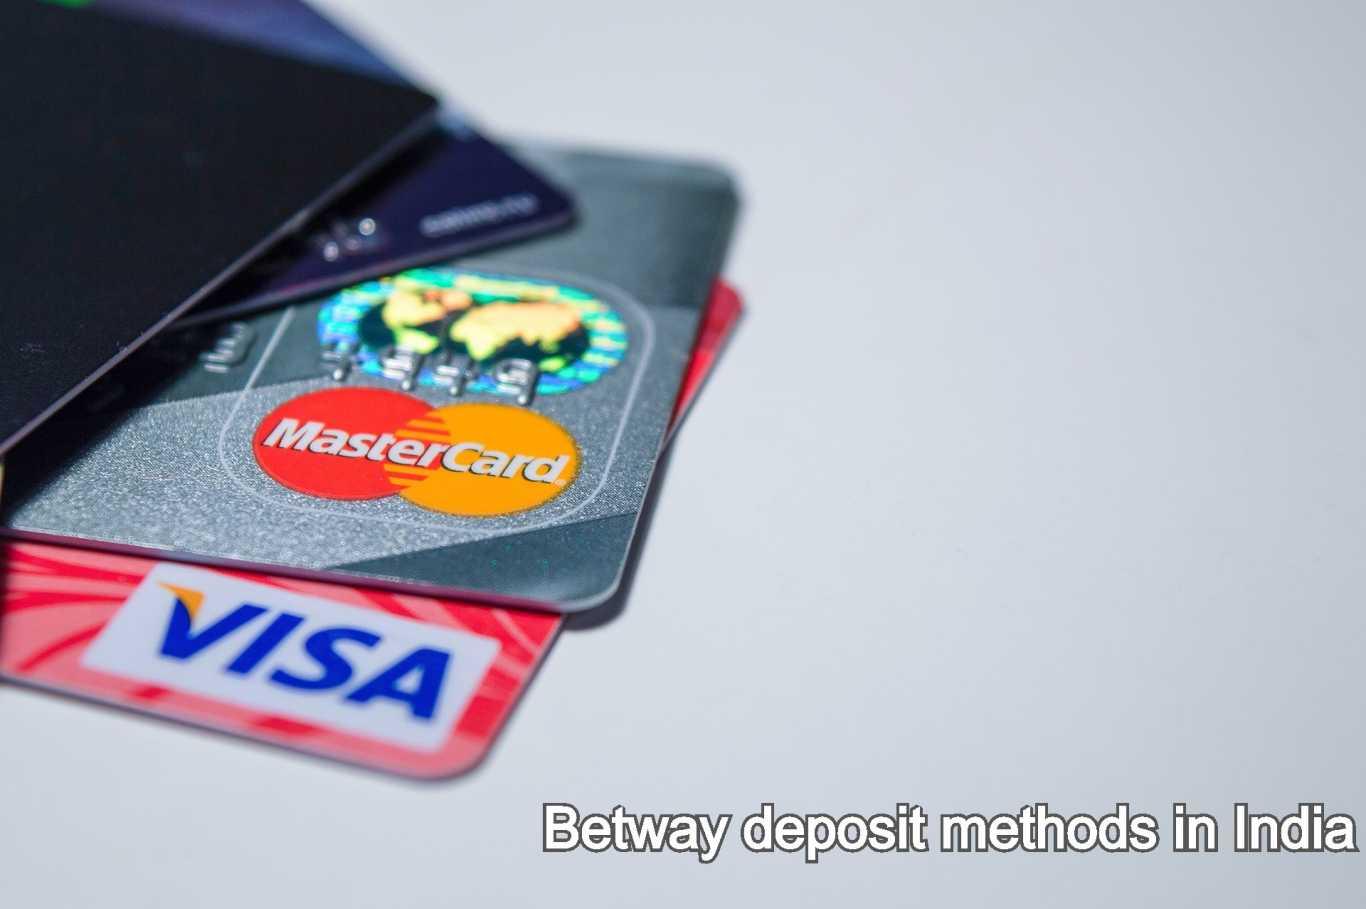 Betway deposit methods in India